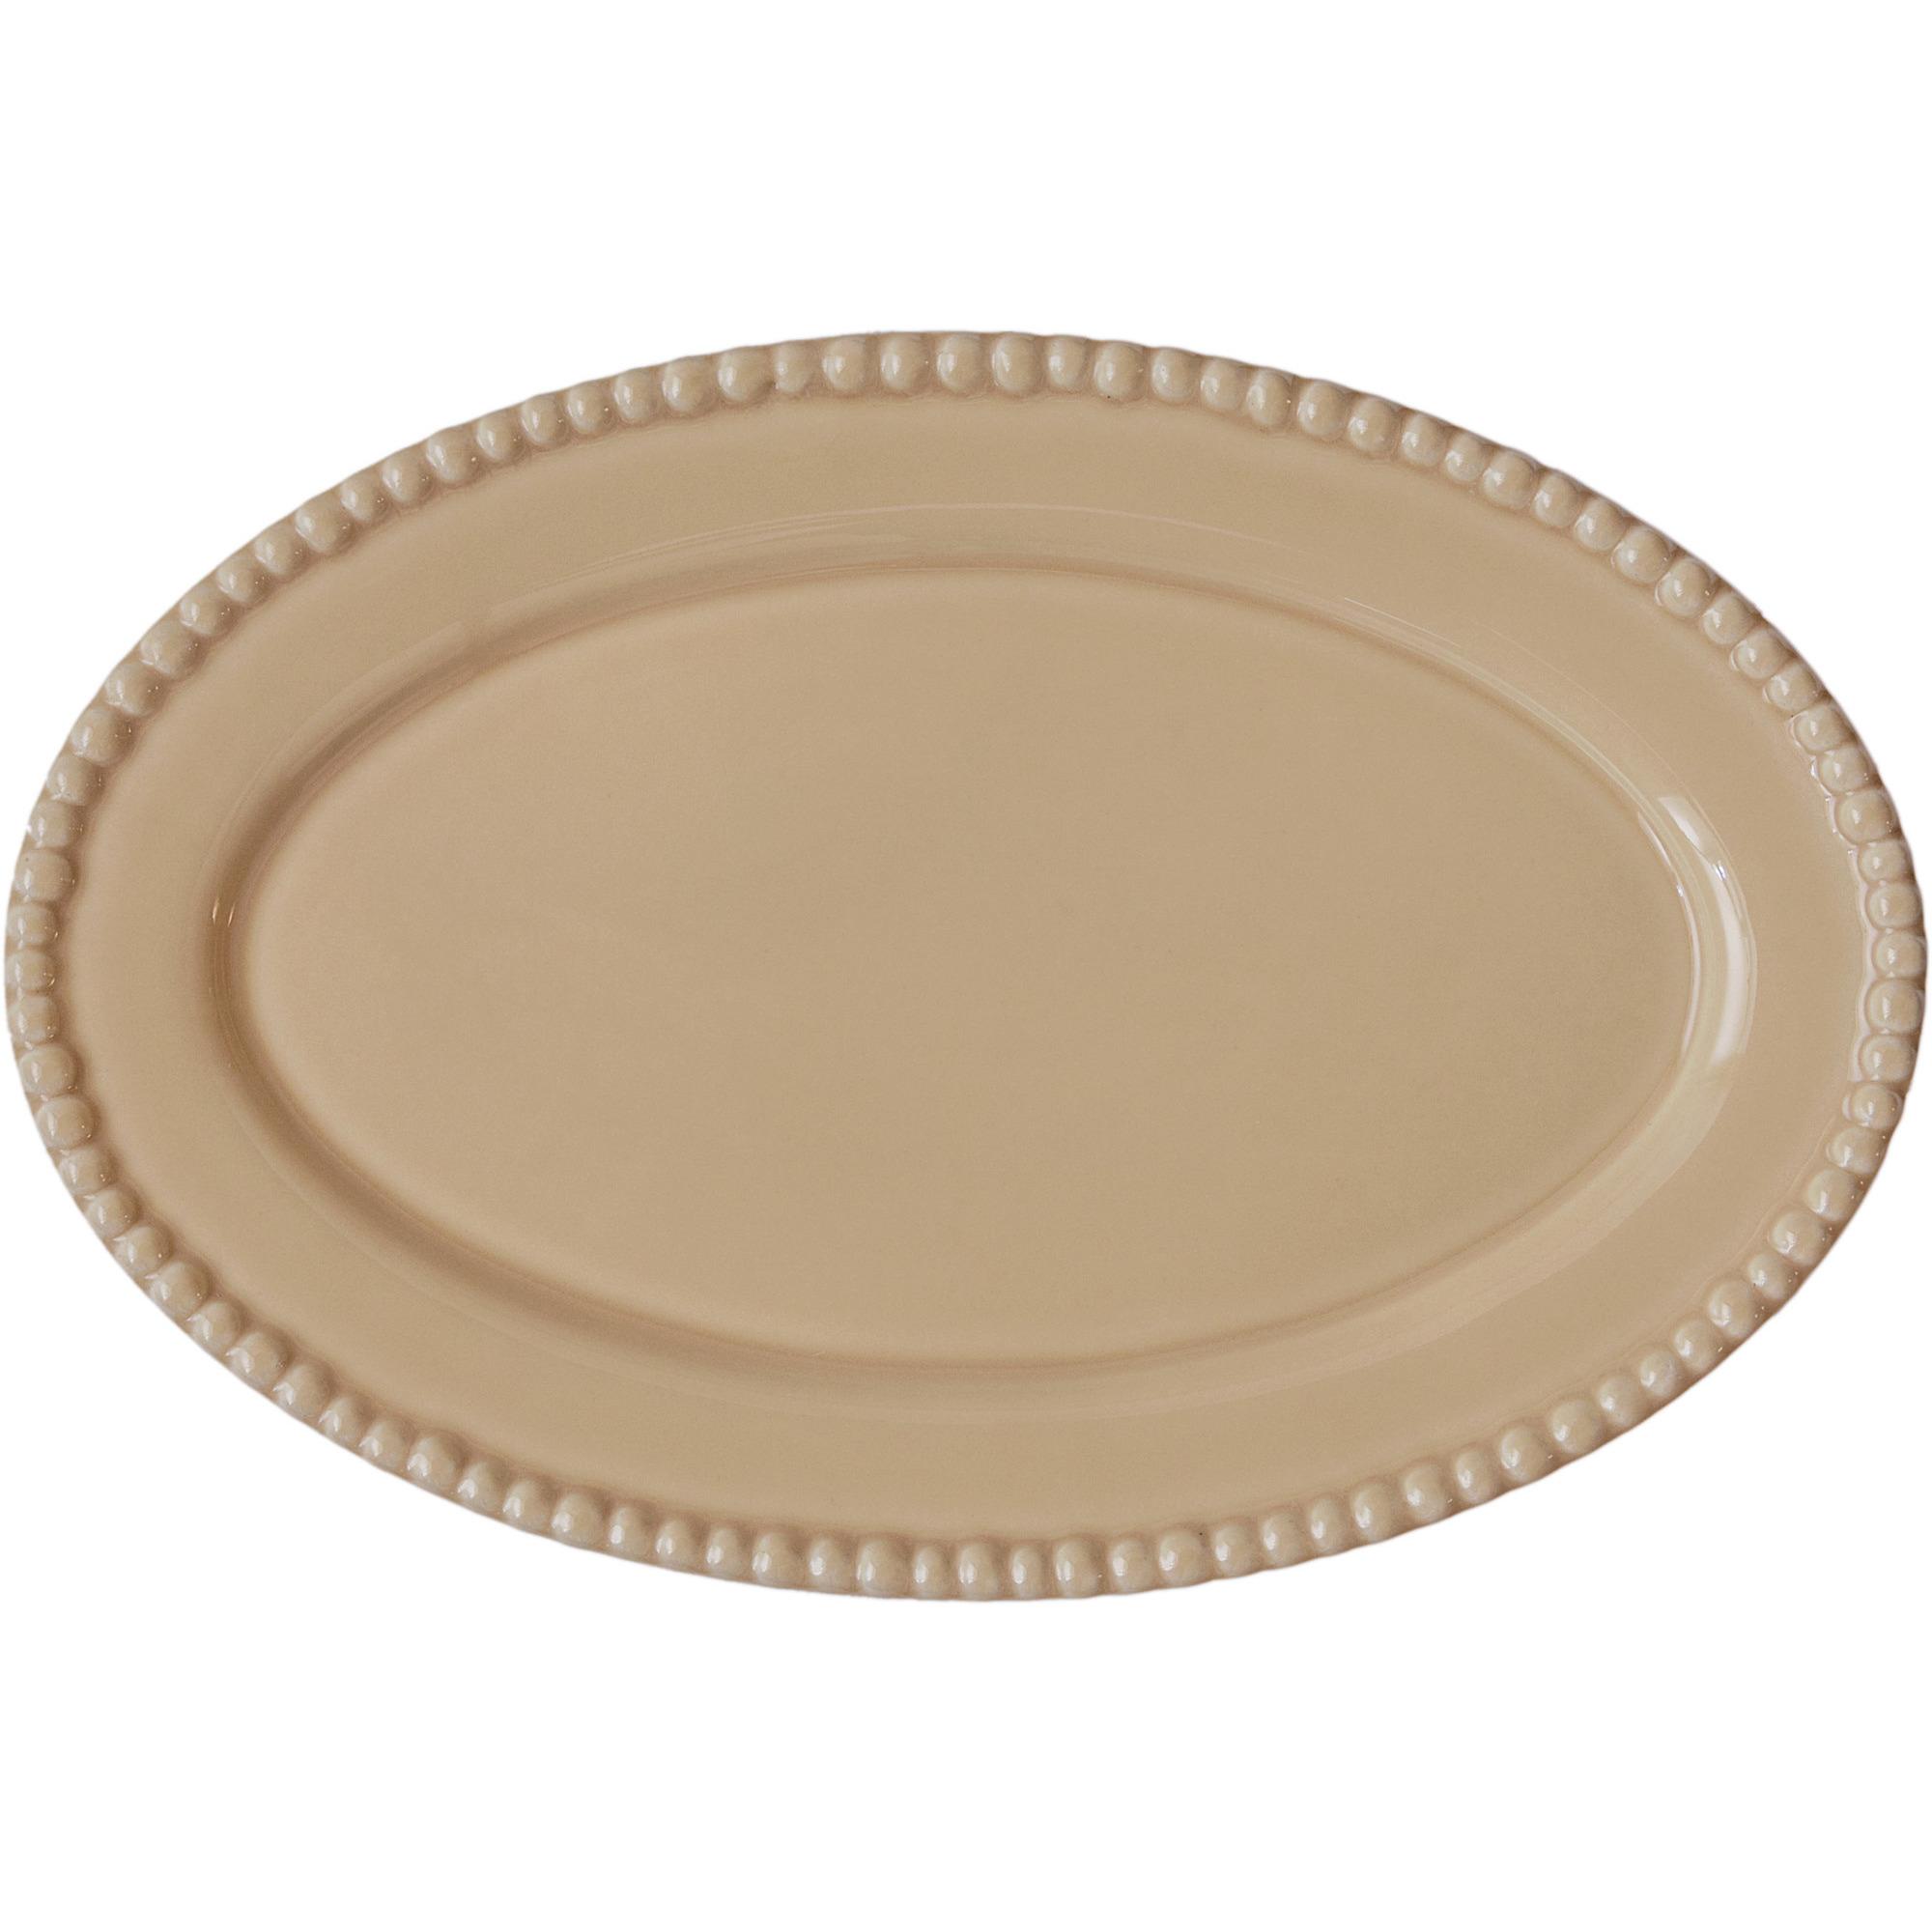 PotteryJo Ovalt Uppläggningsfat 35 cm Honey